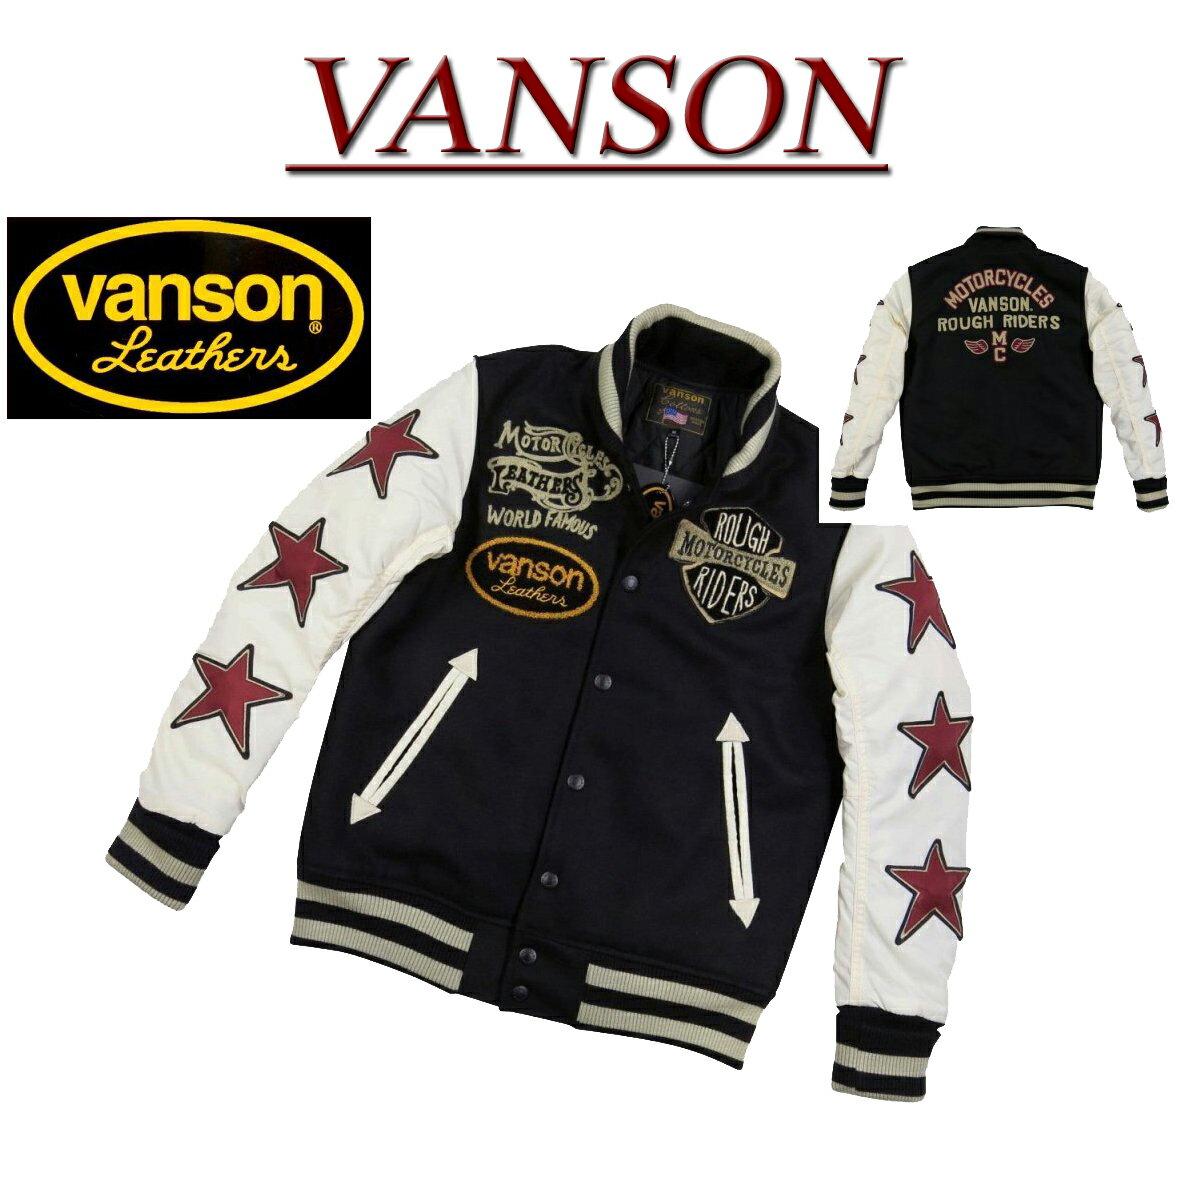 【3サイズ】 nz521 新品 VANSON トリプルスター さがら刺繍 メルトンウール × 袖ナイロン 中綿入り スタジャン NVJK-605 メンズ バンソン TRIPLE STAR STADIUM JACKET スタジアムジャケット ヴァンソン